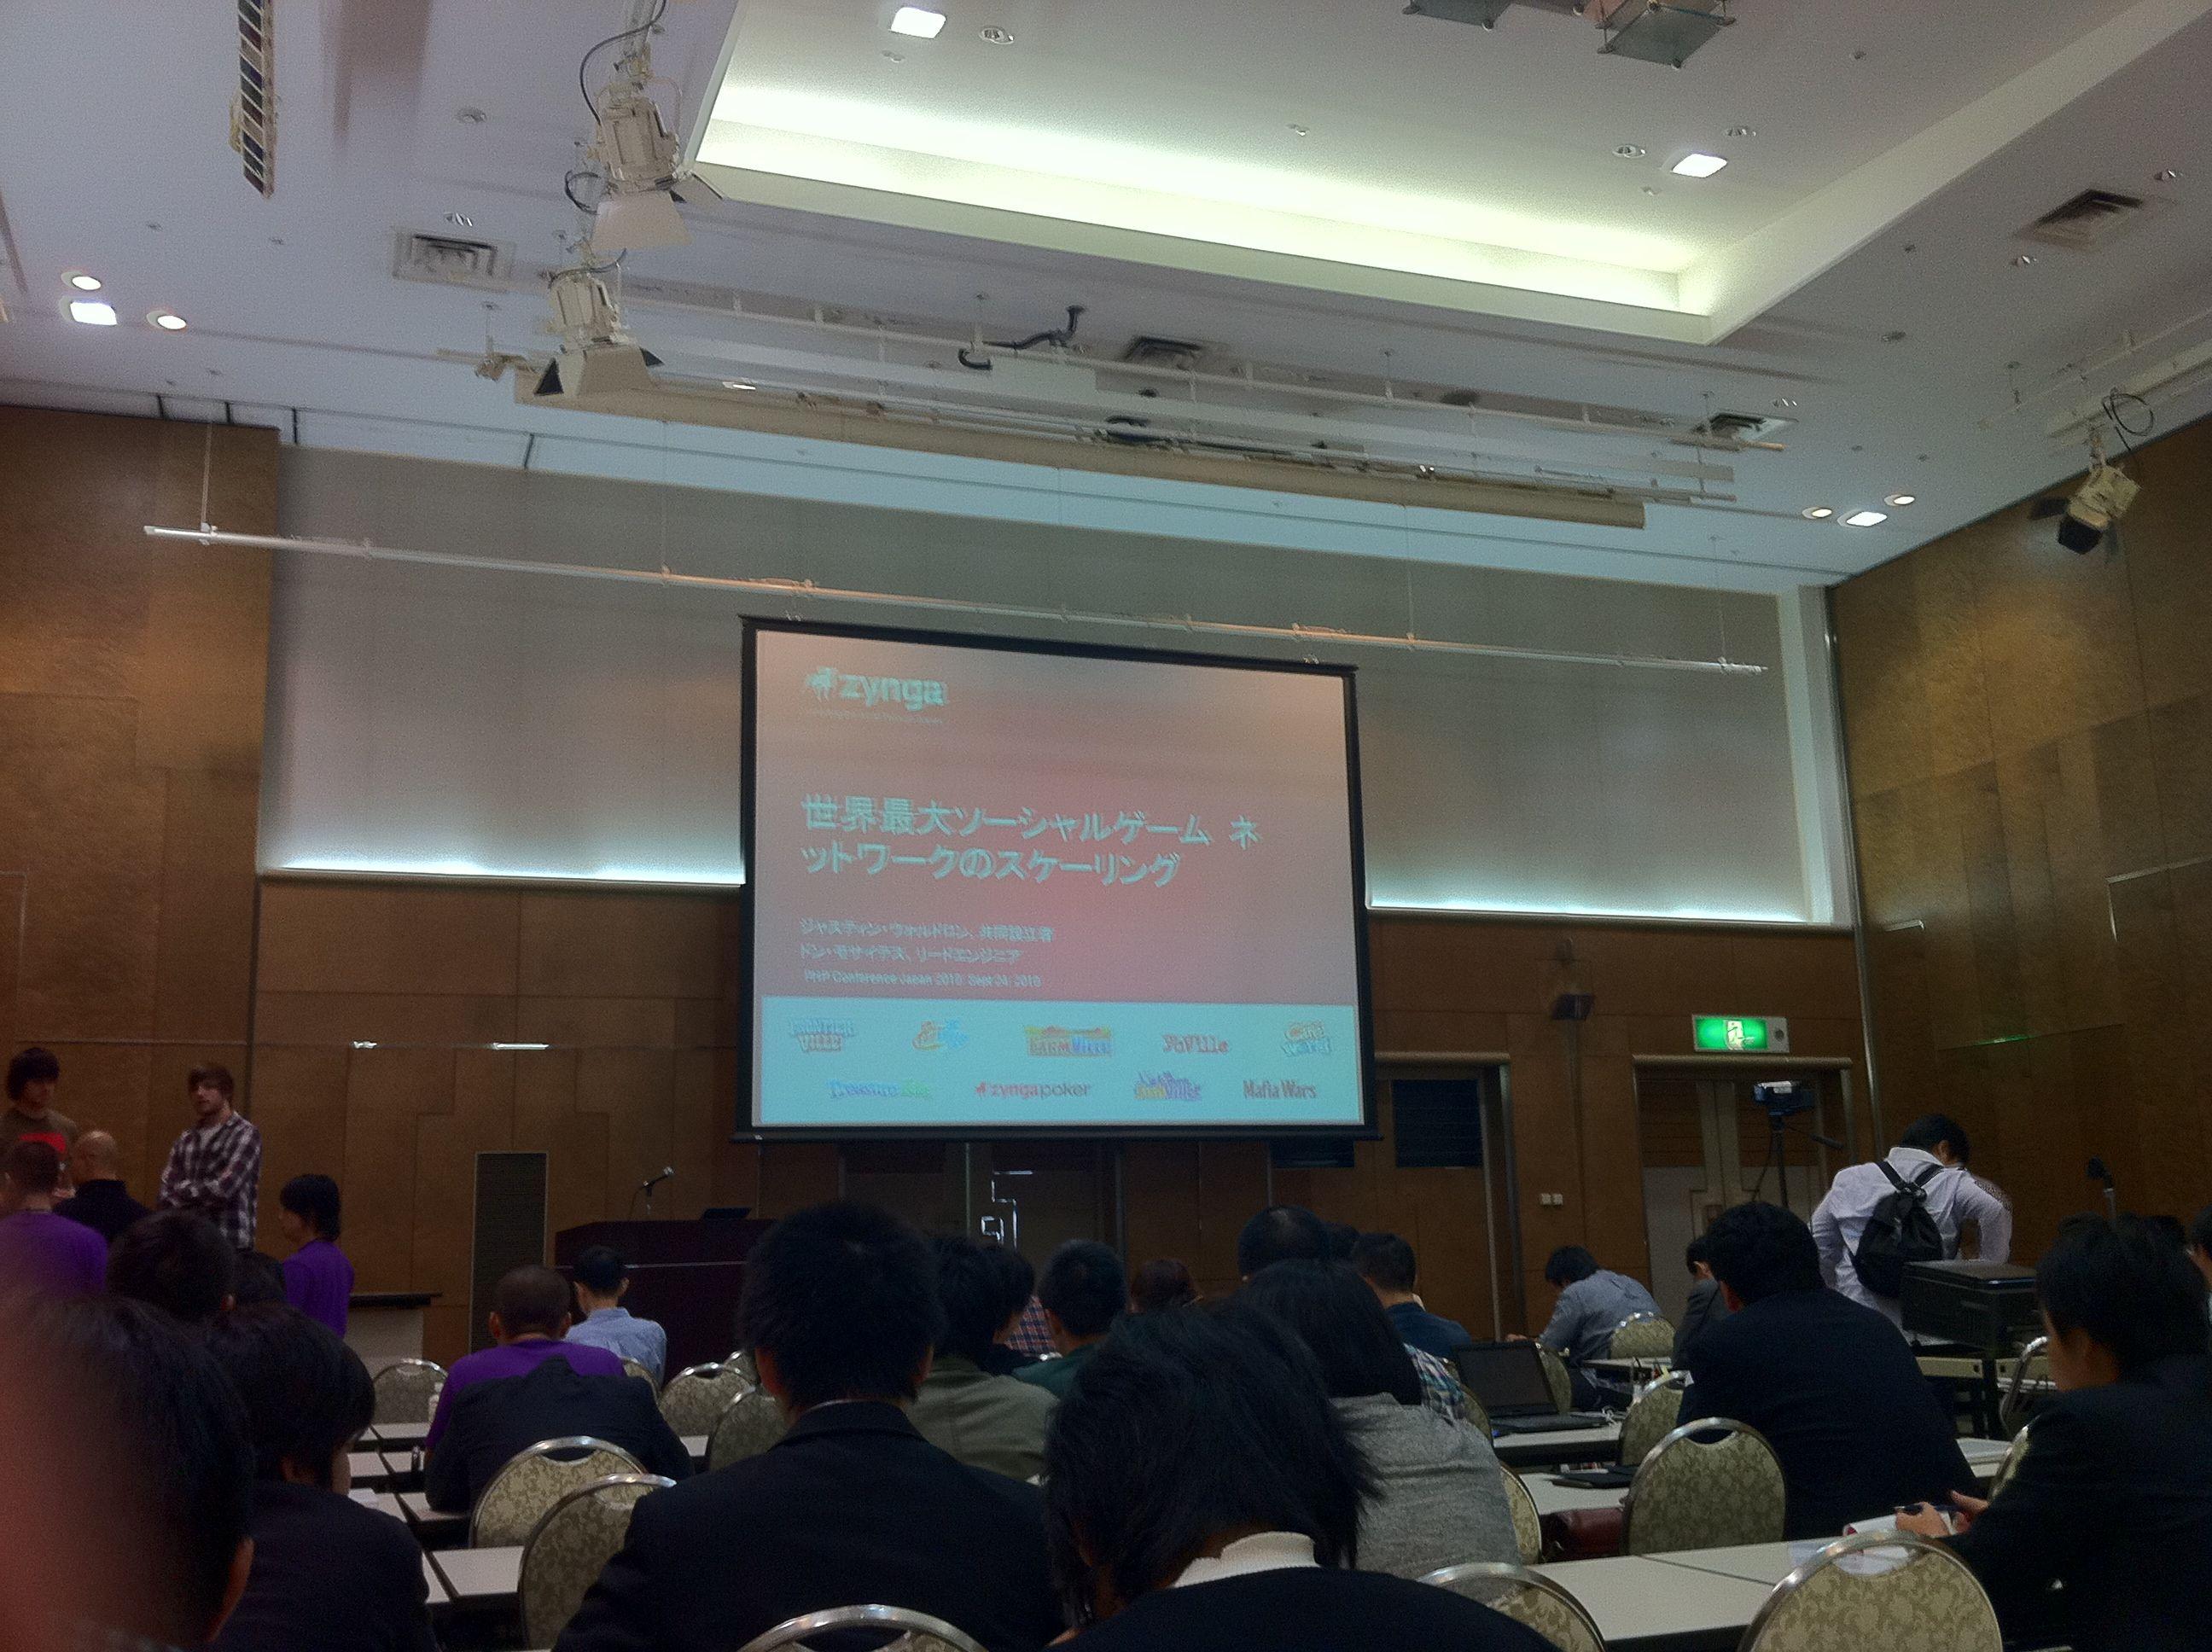 PHPカンファレンス会場風景